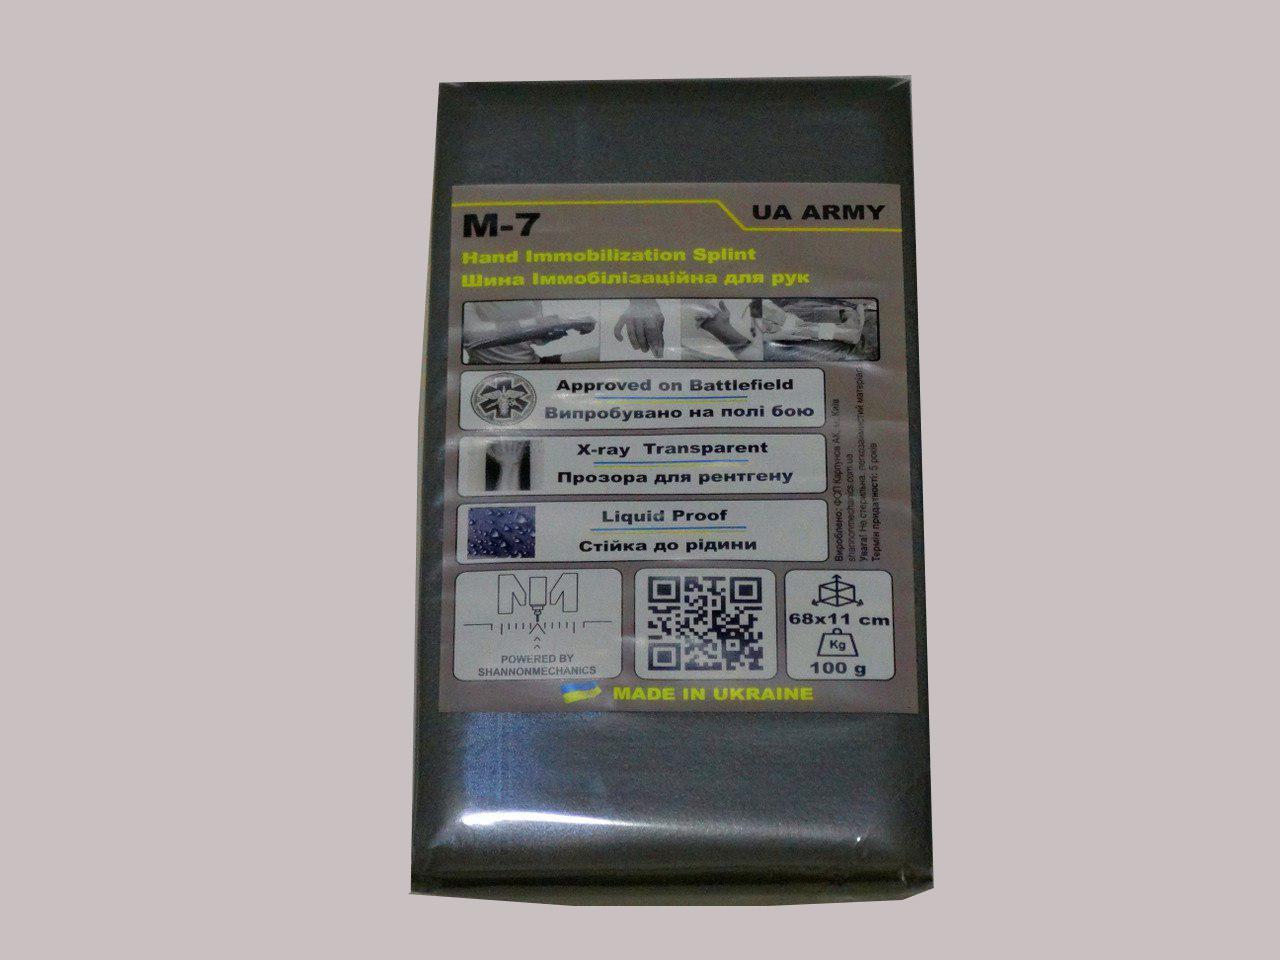 Шина іммобілізаційна для рук ShannonMechanics М7 (68х11 см)